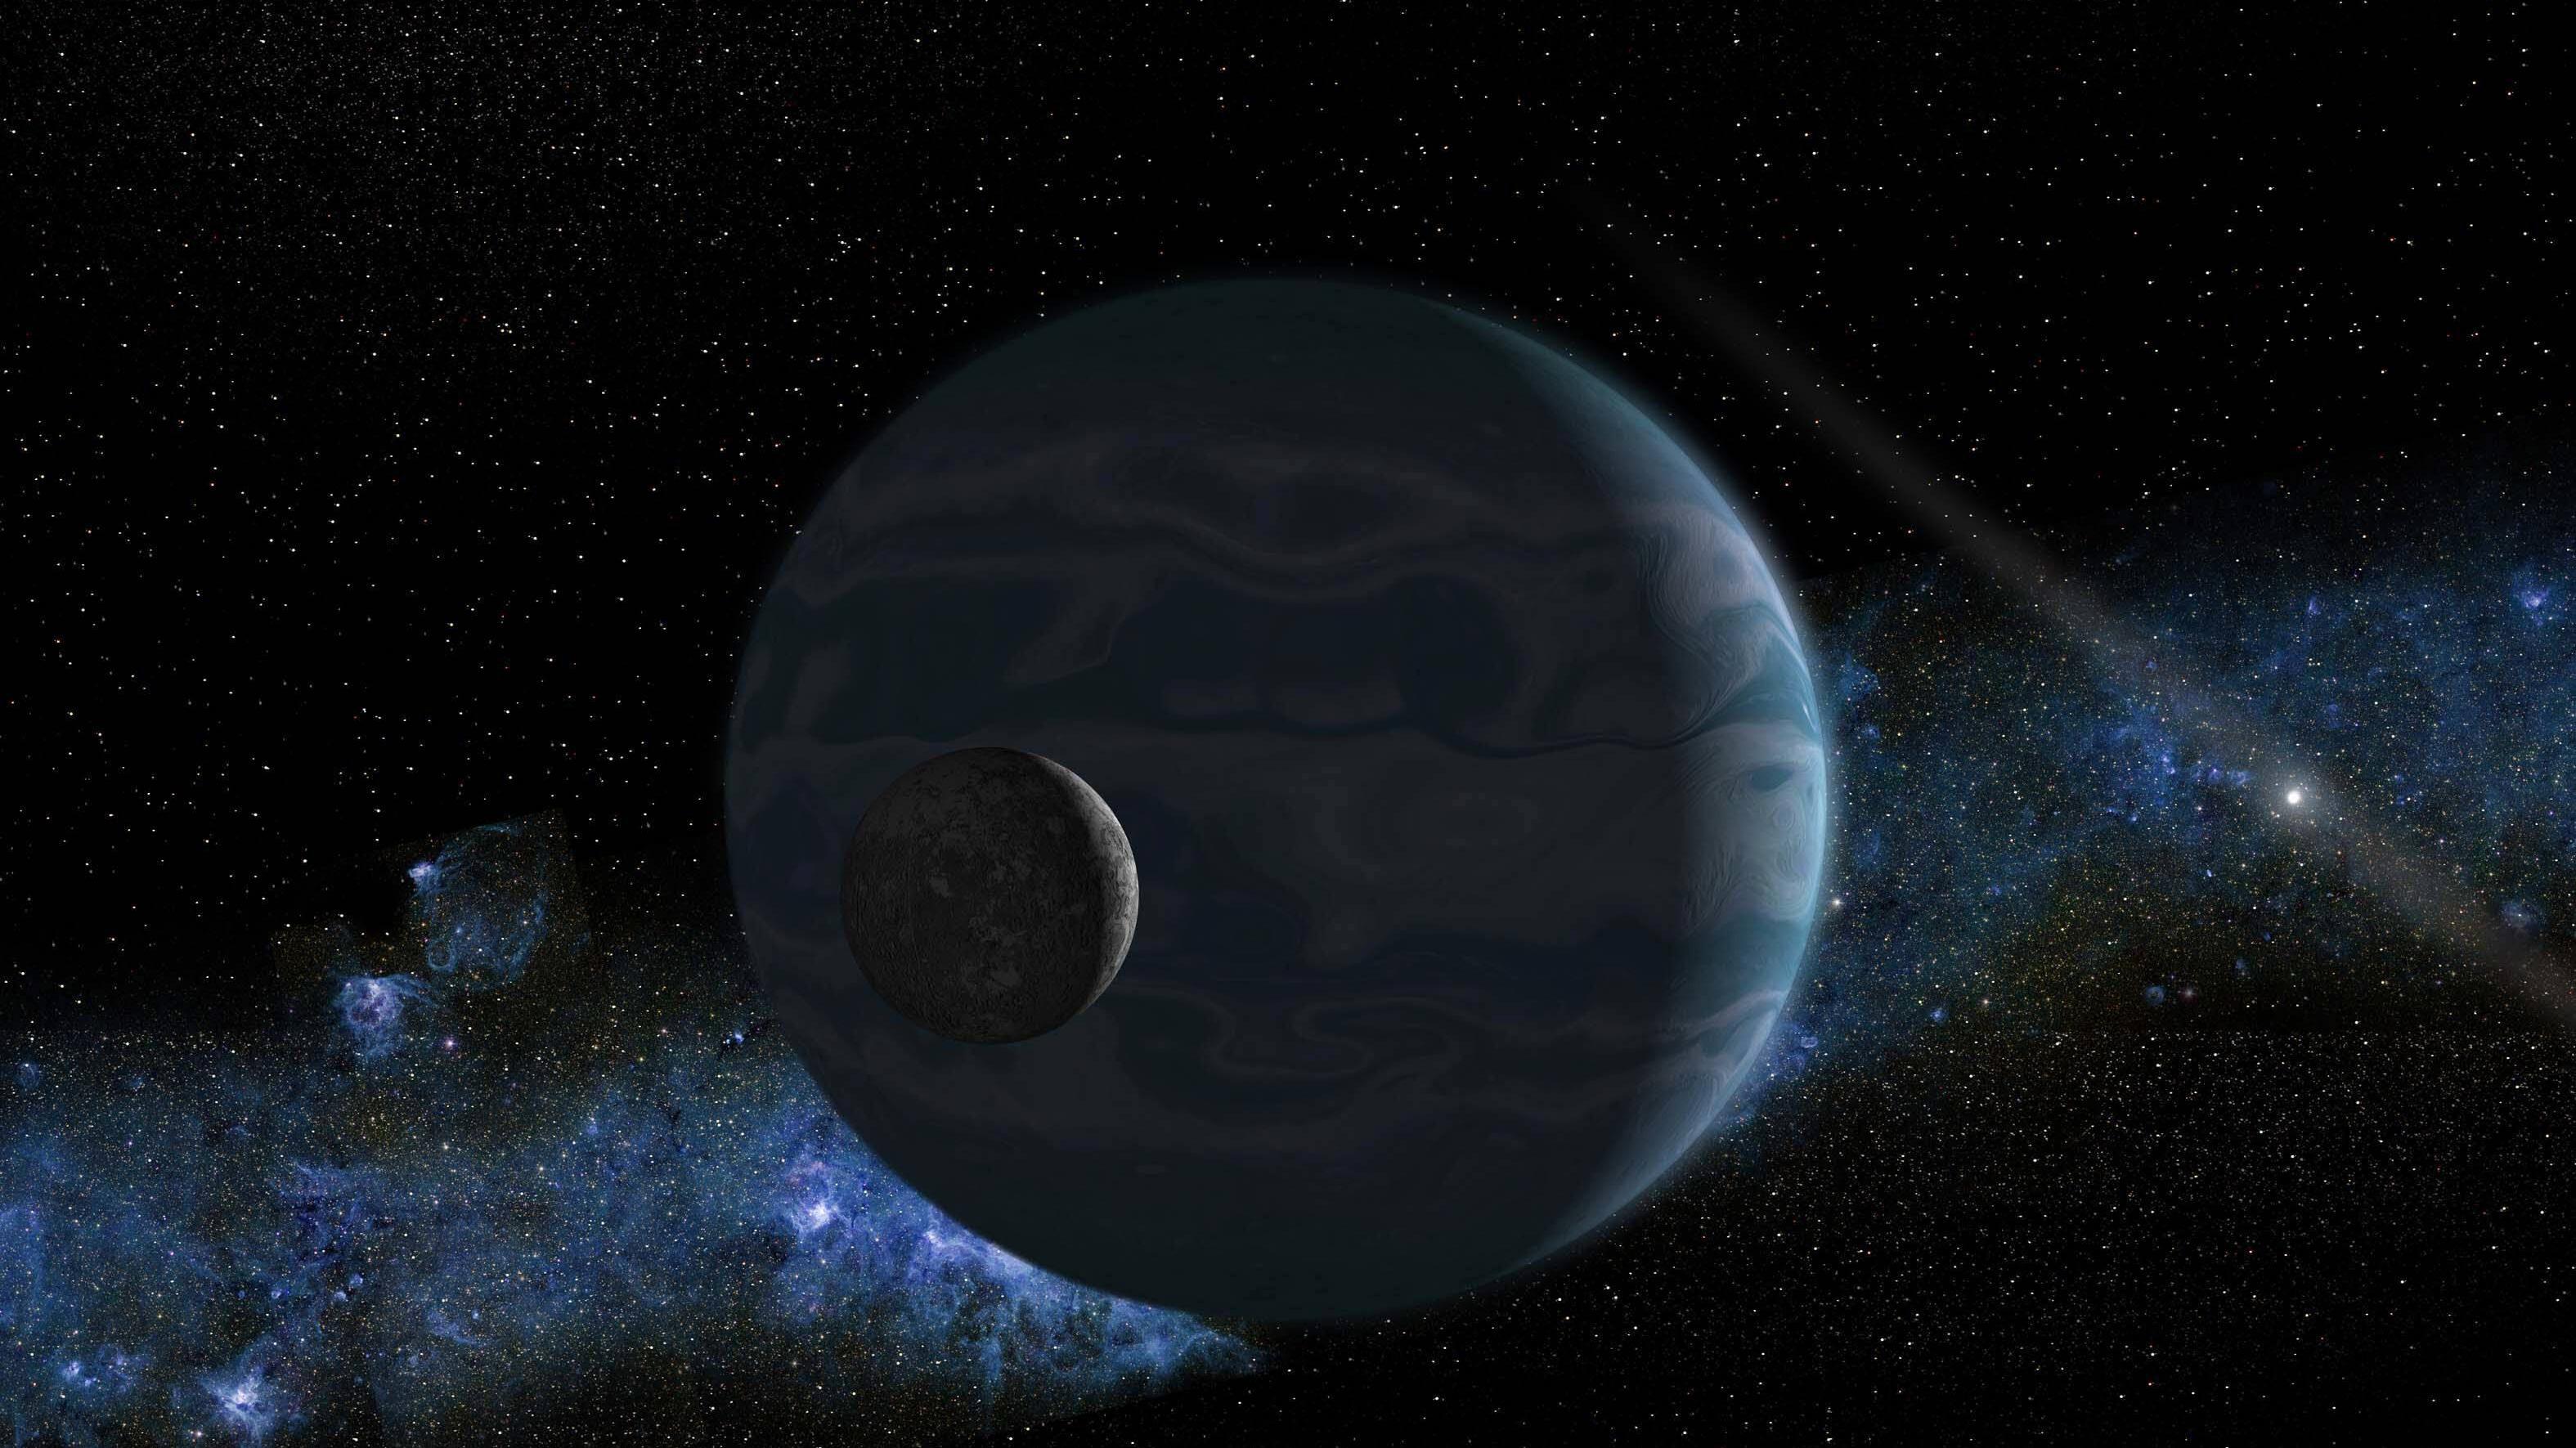 Ist Pluto ein Planet? Der Status des Himmelsobjekts erklärt